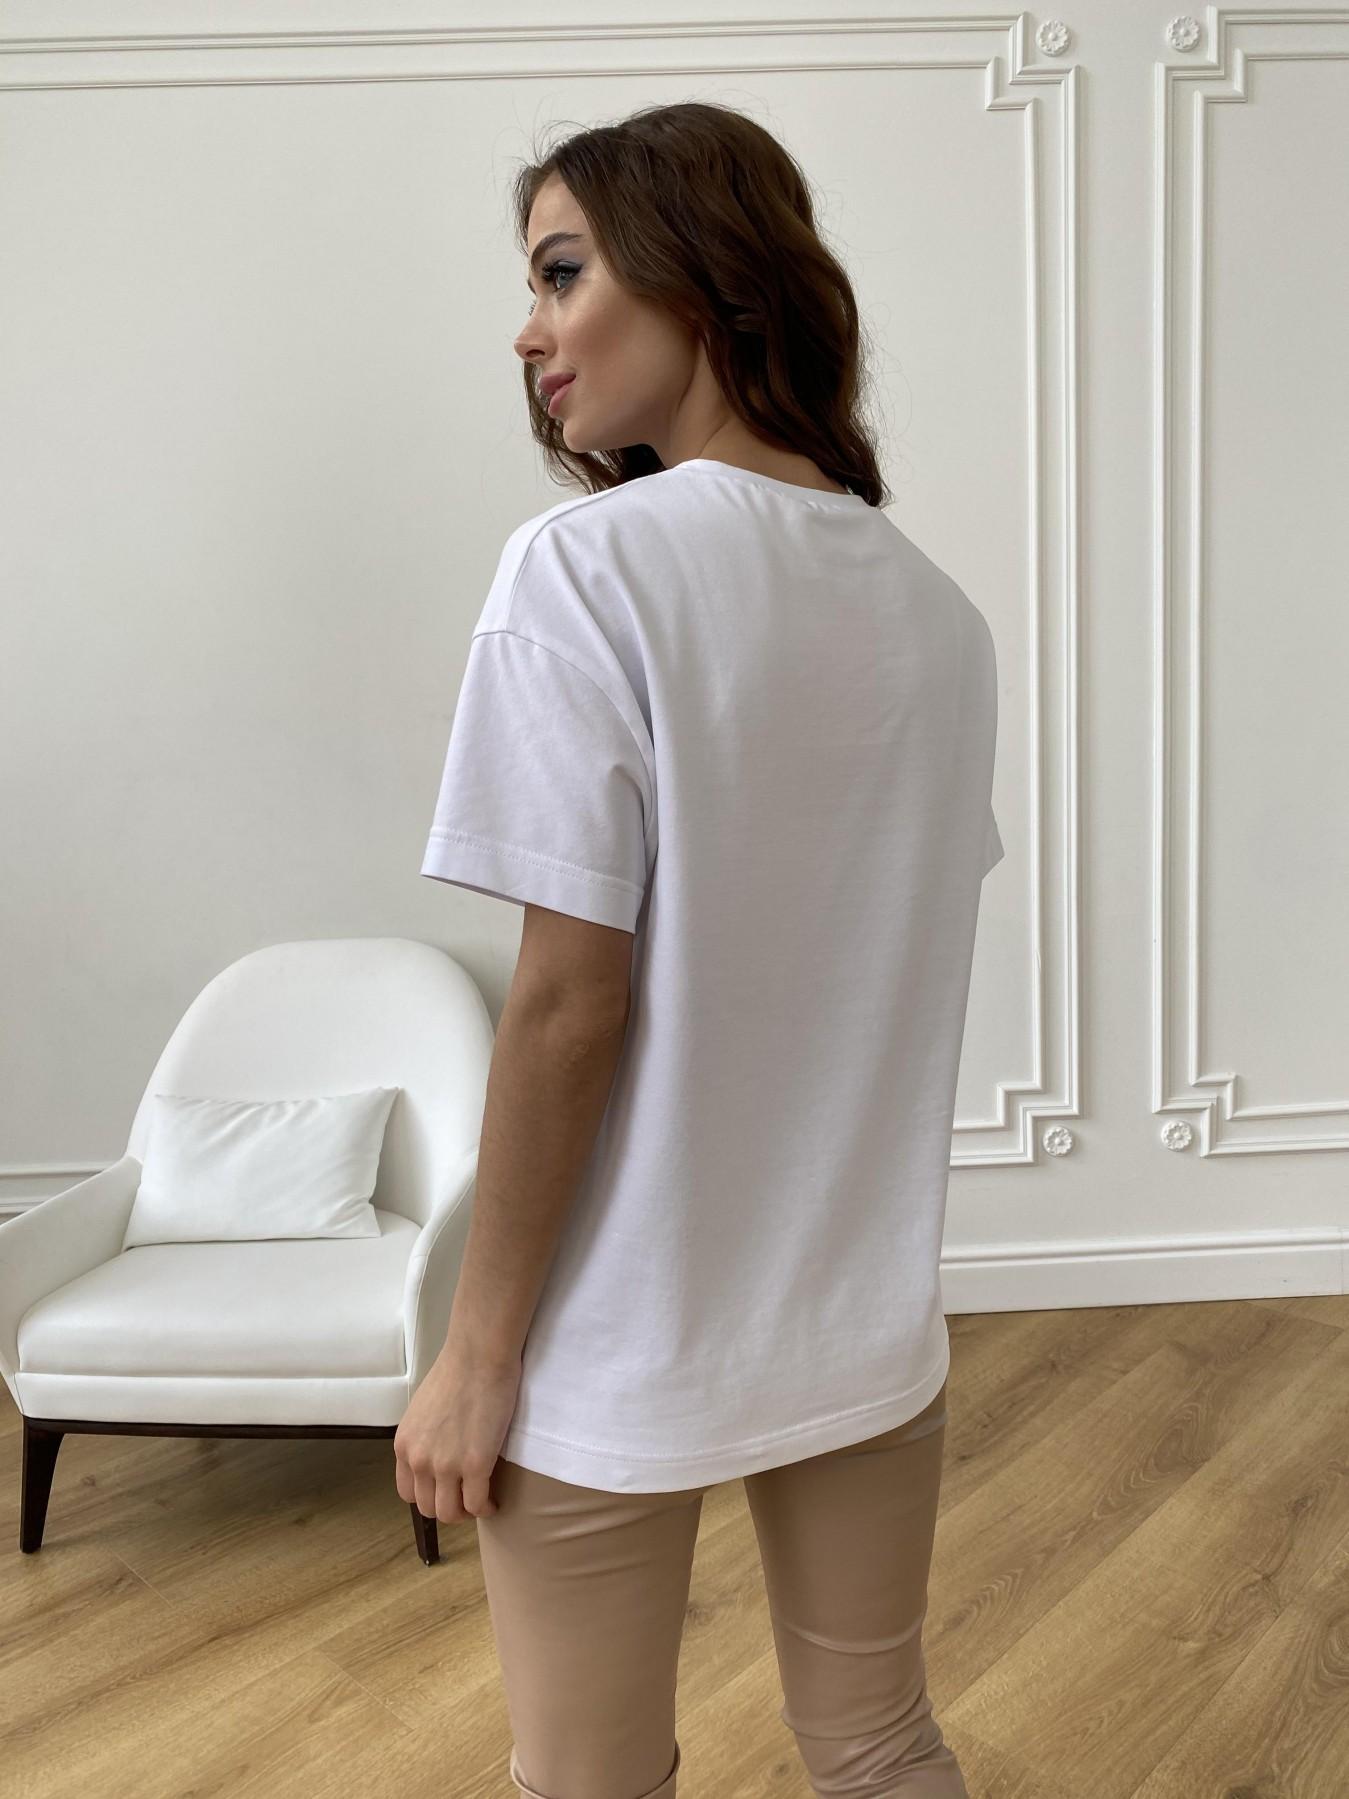 Лове футболка из вискозы однотонная хлопок 11176 АРТ. 47664 Цвет: Белый - фото 9, интернет магазин tm-modus.ru